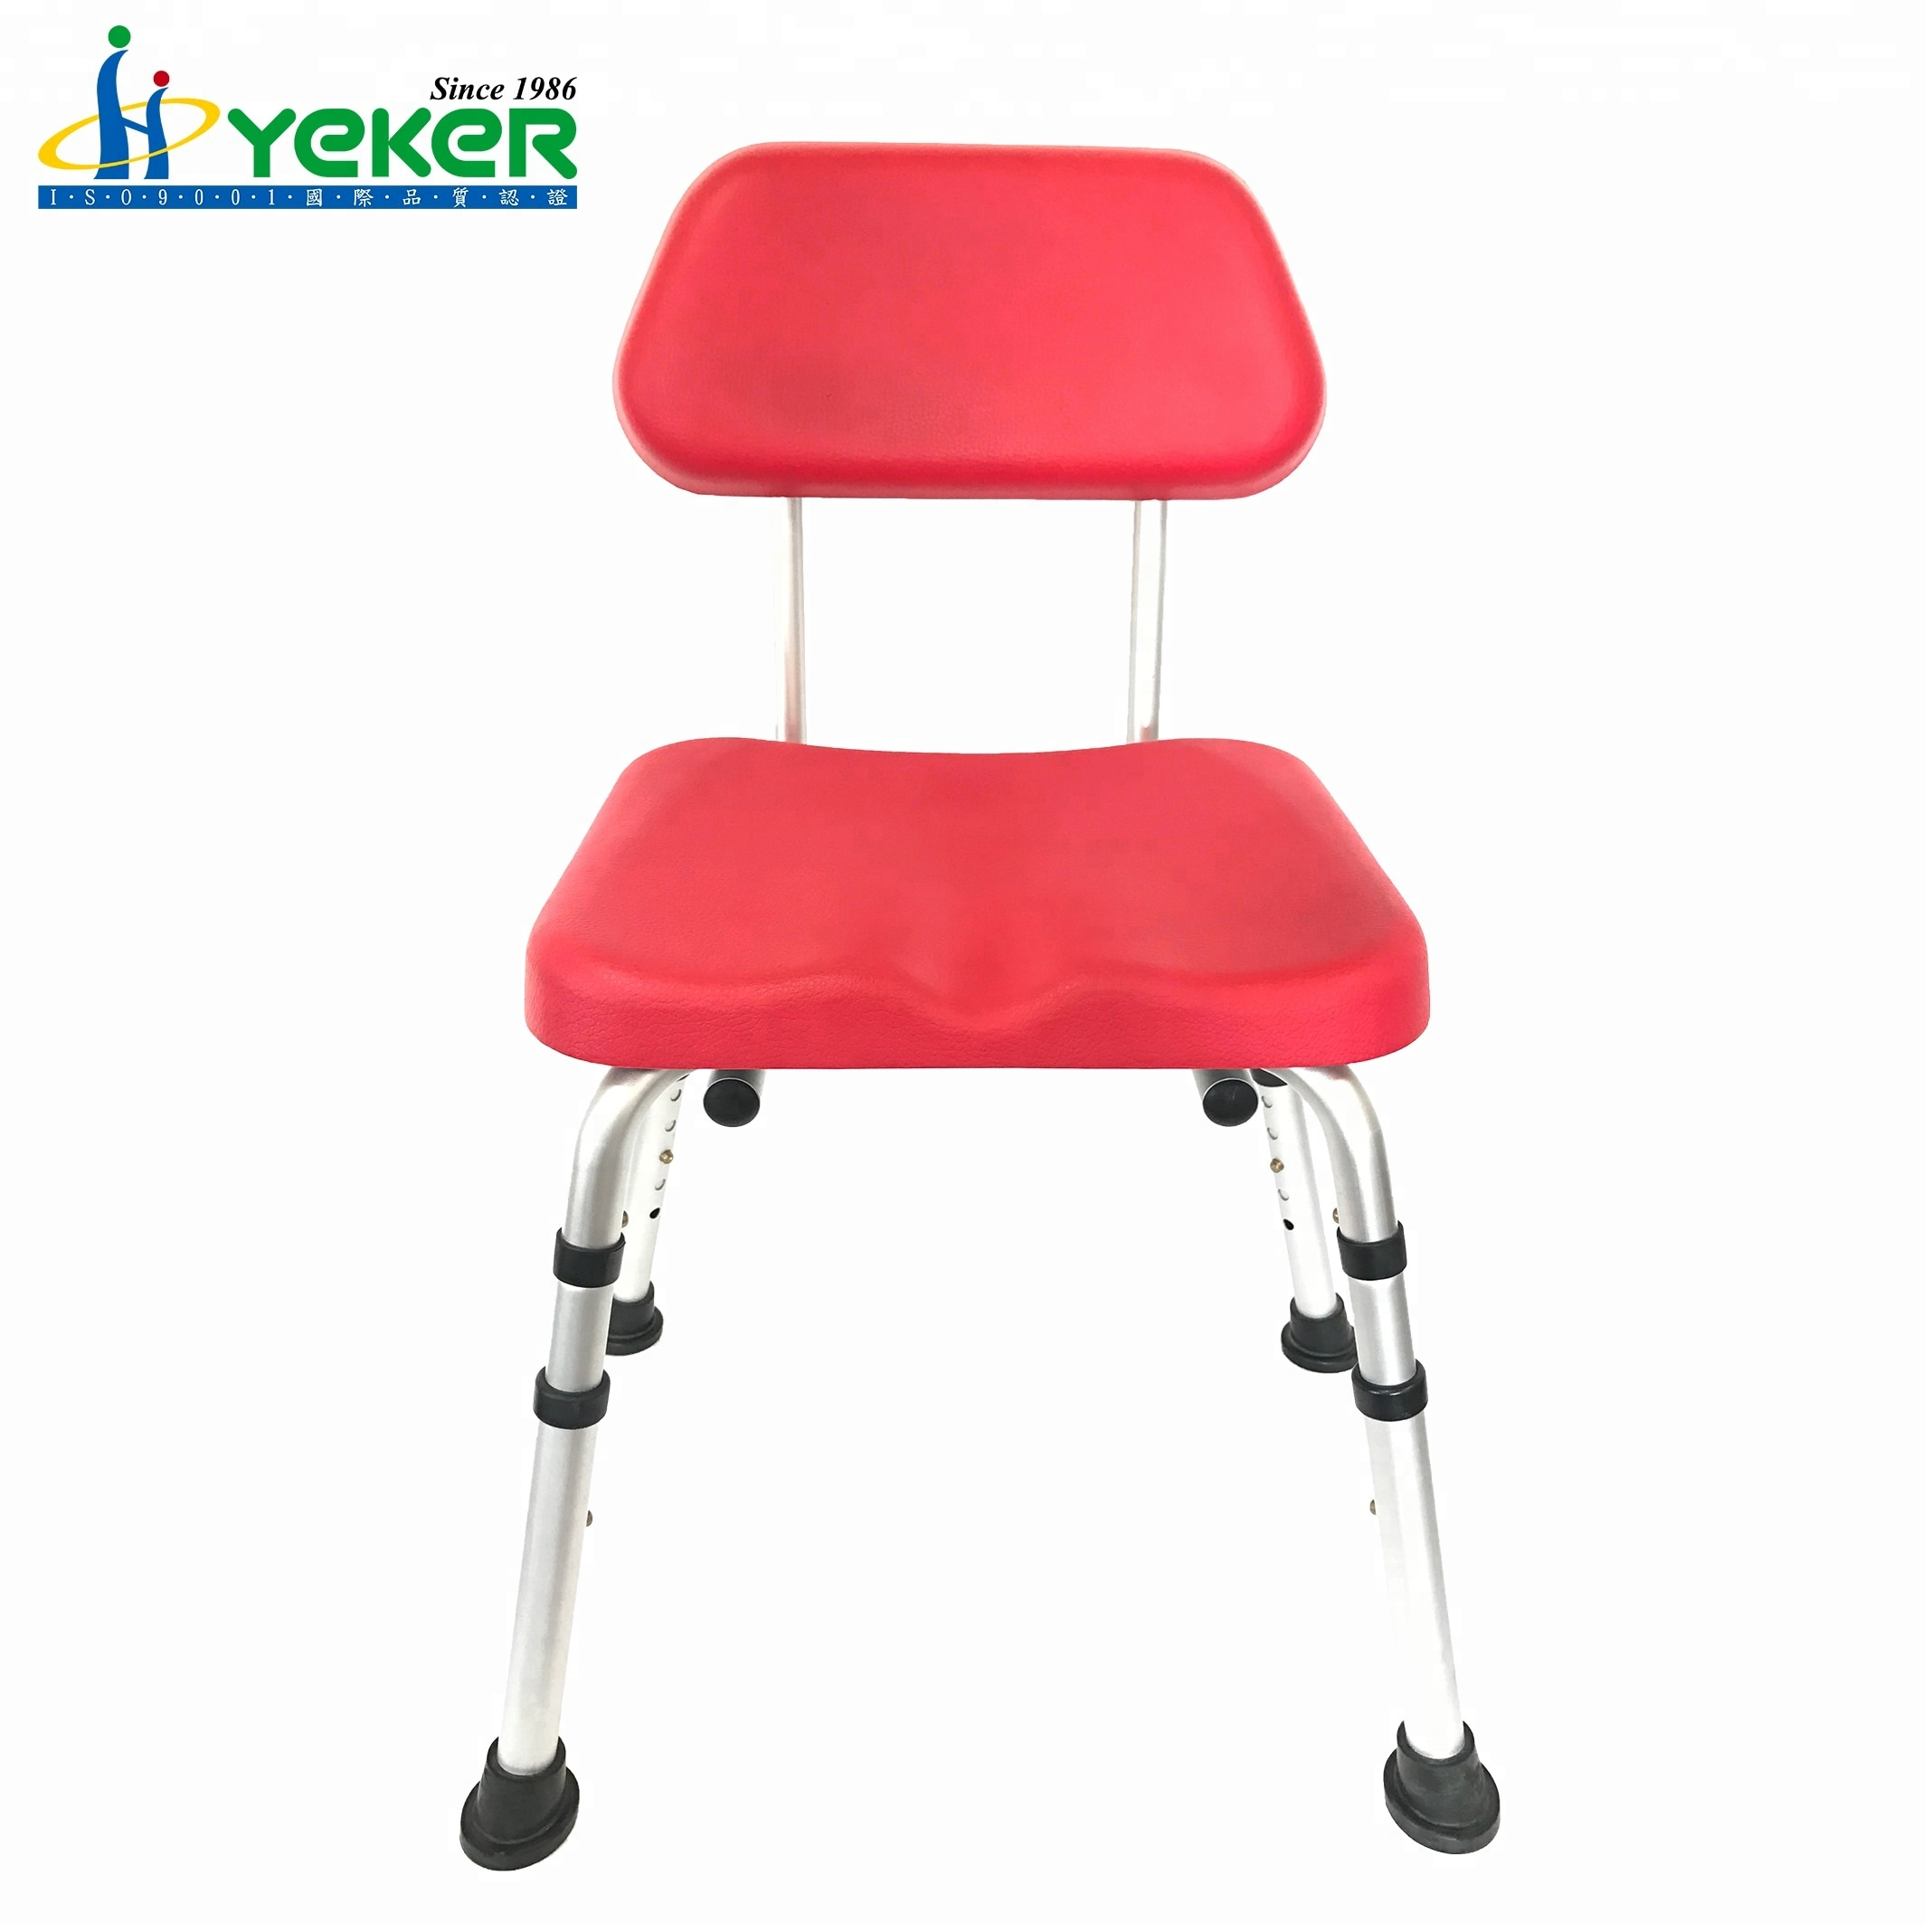 Doccia Sedia Sedia Da Bagno Per Anziani Vasca Da Bagno Per Adulti Sedile Per Disabili Buy Comfortable Chairs For The Elderly Disabled Chair Bath Seat For Disabled Shower Seat Product On Alibaba Com